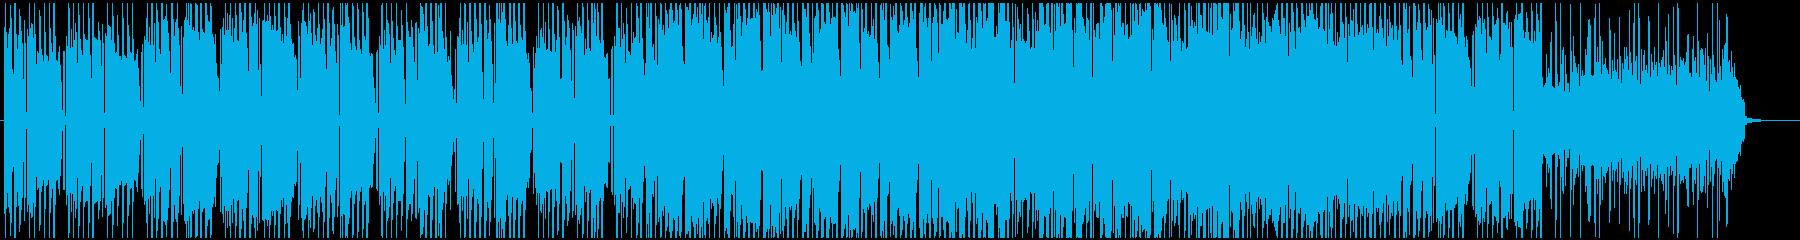 夏のリゾート地のイメージのレゲエの再生済みの波形